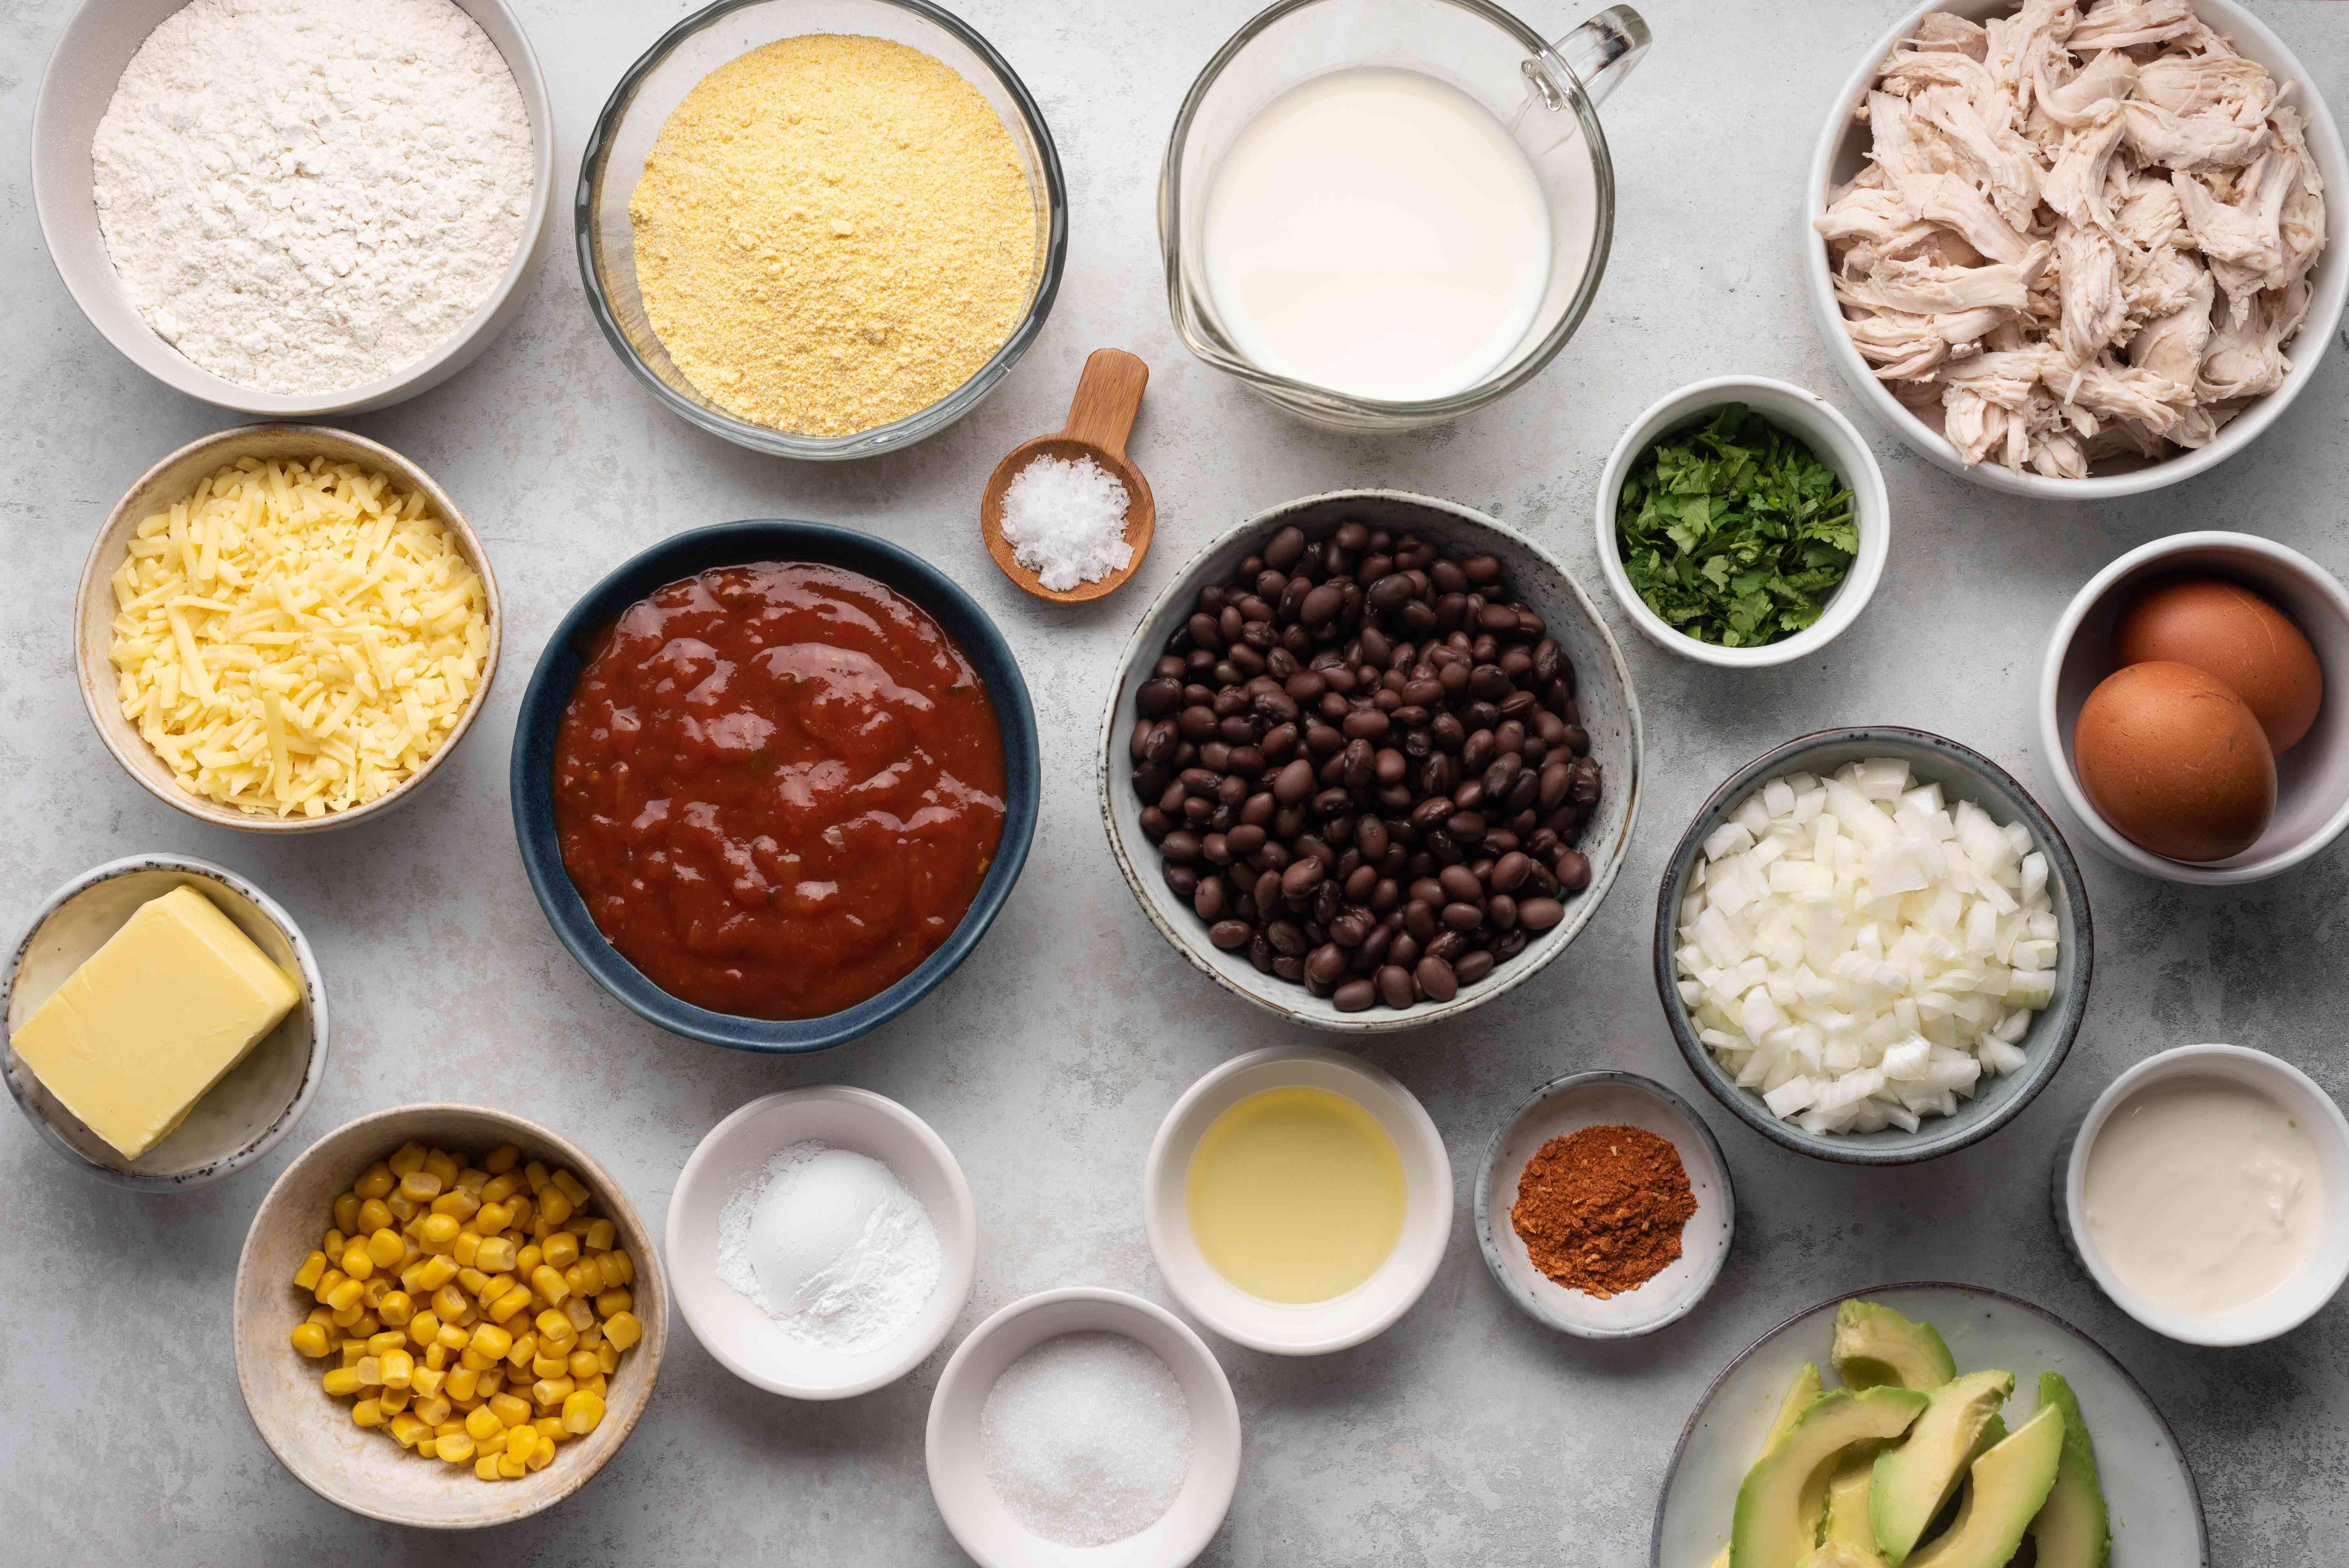 Chicken Tamale Pie ingredients